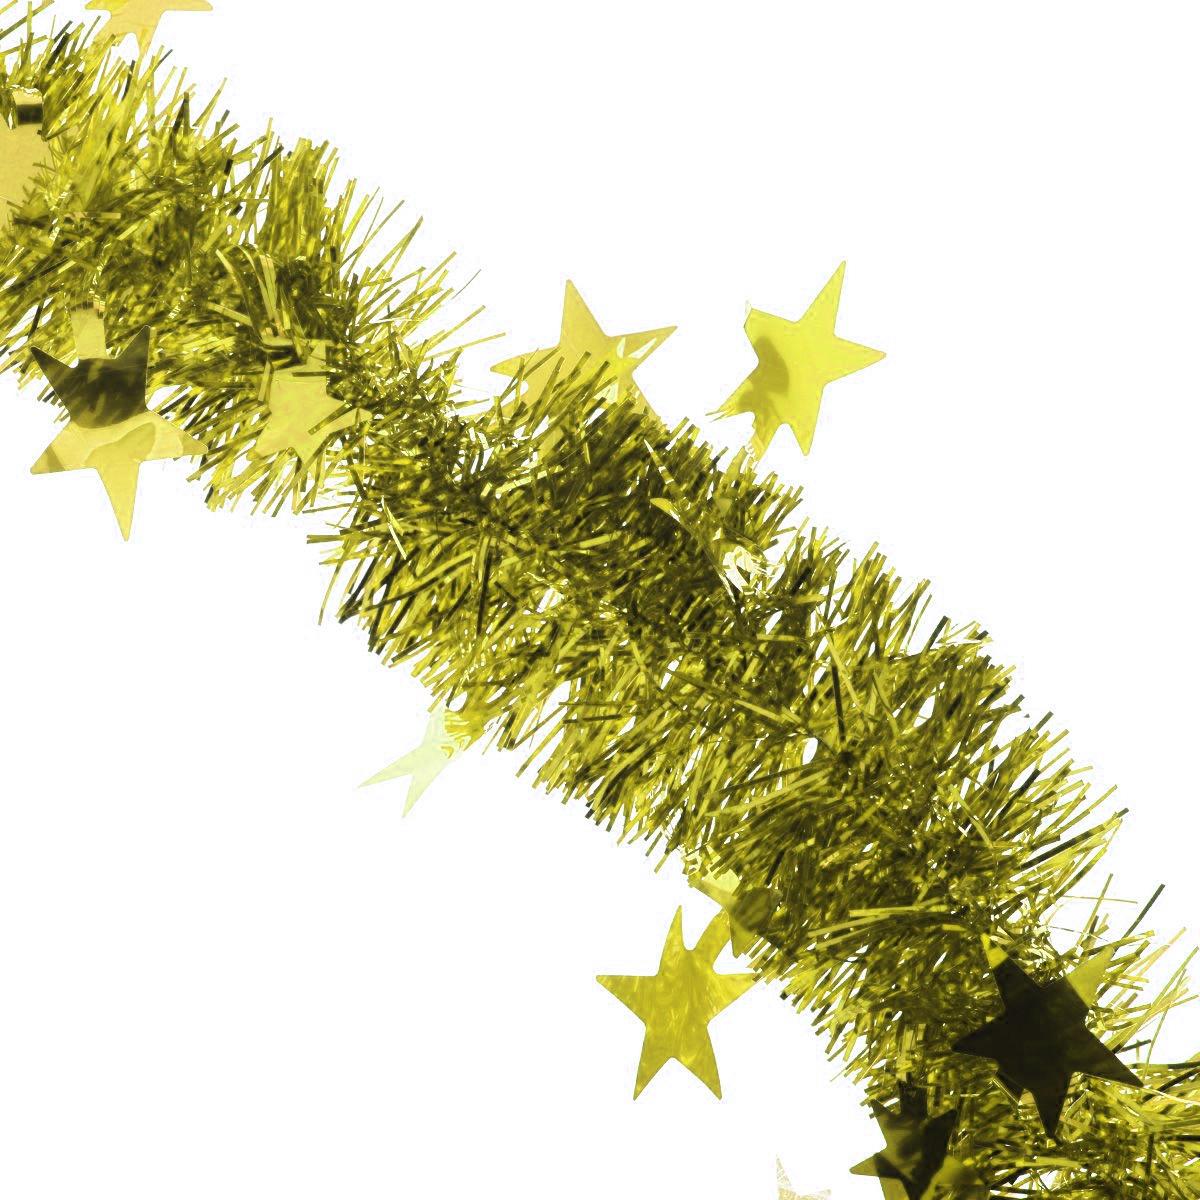 Мишура новогодняя Sima-land, цвет: золотистый, диаметр 5 см, длина 200 см. 702609702609_золотистыйМишура новогодняя Sima-land, выполненная из фольги, поможет вам украсить свой дом к предстоящим праздникам. Мишура армирована, то есть имеет проволоку внутри и способна сохранять приданную ей форму. Новогодняя елка с таким украшением станет еще наряднее. Новогодней мишурой можно украсить все, что угодно - елку, квартиру, дачу, офис - как внутри, так и снаружи. Можно сложить новогодние поздравления, буквы и цифры, мишурой можно украсить и дополнить гирлянды, можно выделить дверные колонны, оплести дверные проемы. Коллекция декоративных украшений из серии Зимнее волшебство принесет в ваш дом ни с чем несравнимое ощущение праздника! Создайте в своем доме атмосферу тепла, веселья и радости, украшая его всей семьей.